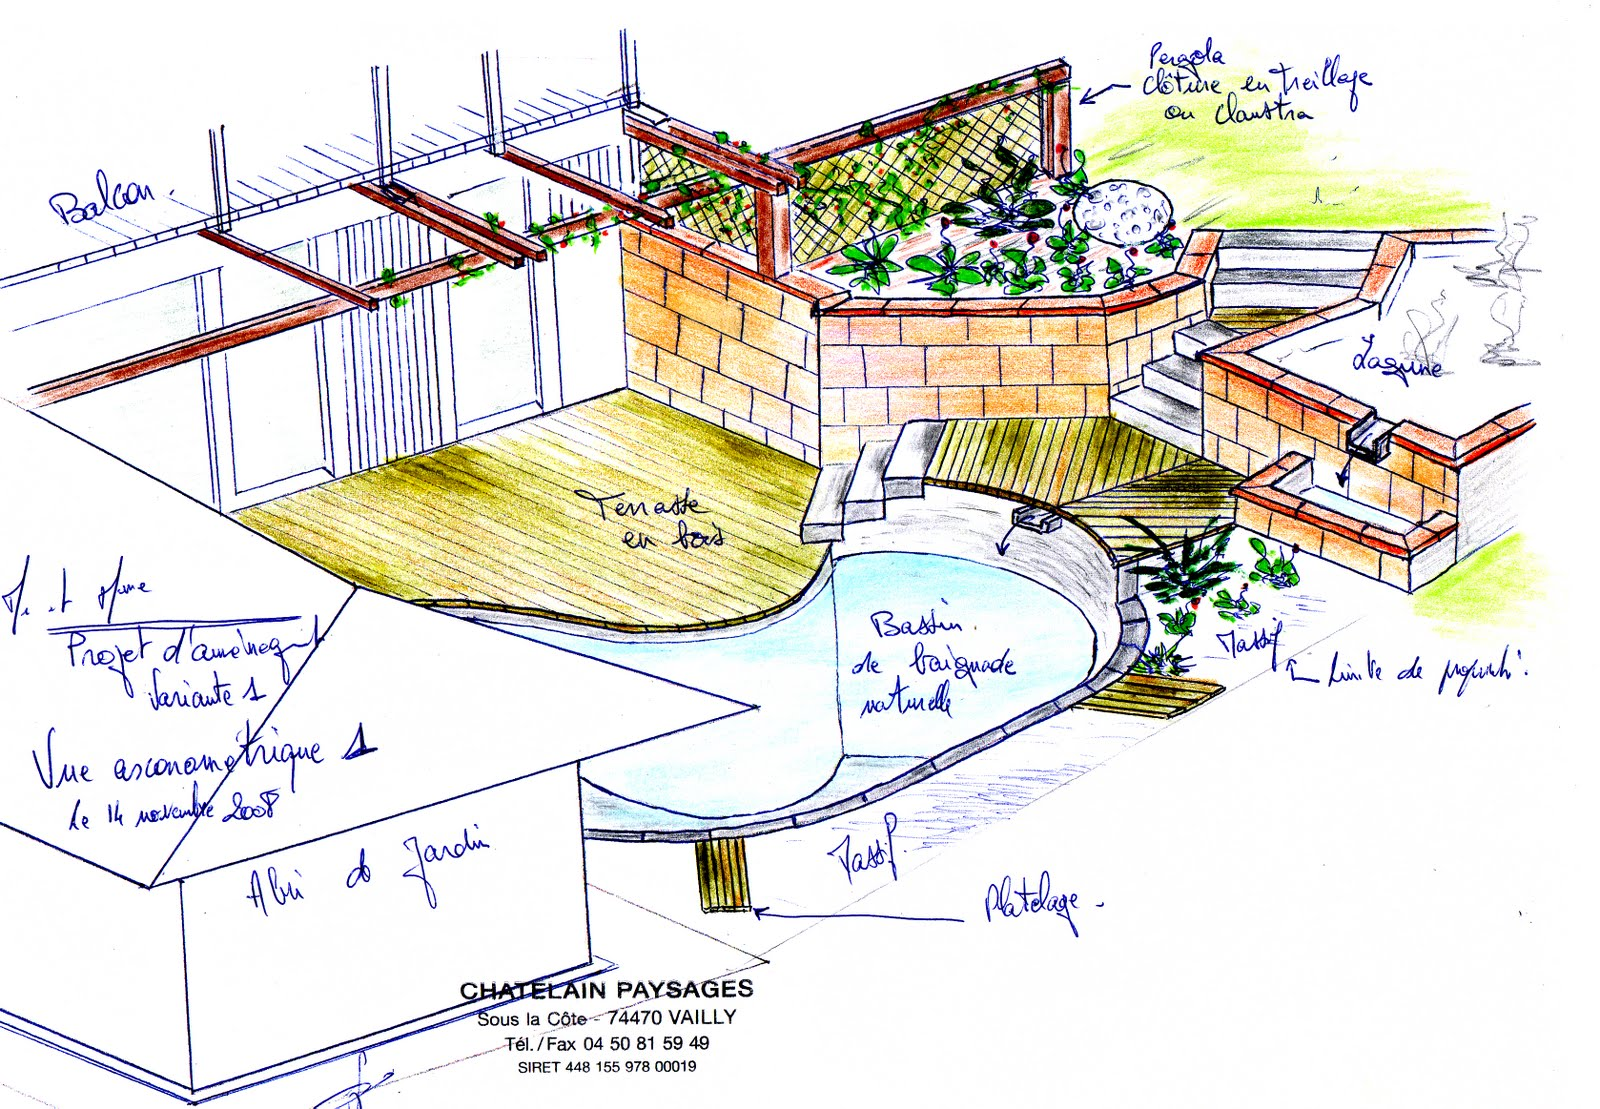 Paysagiste et am nagement de jardin thonon et annemasse for Croquis jardin paysager